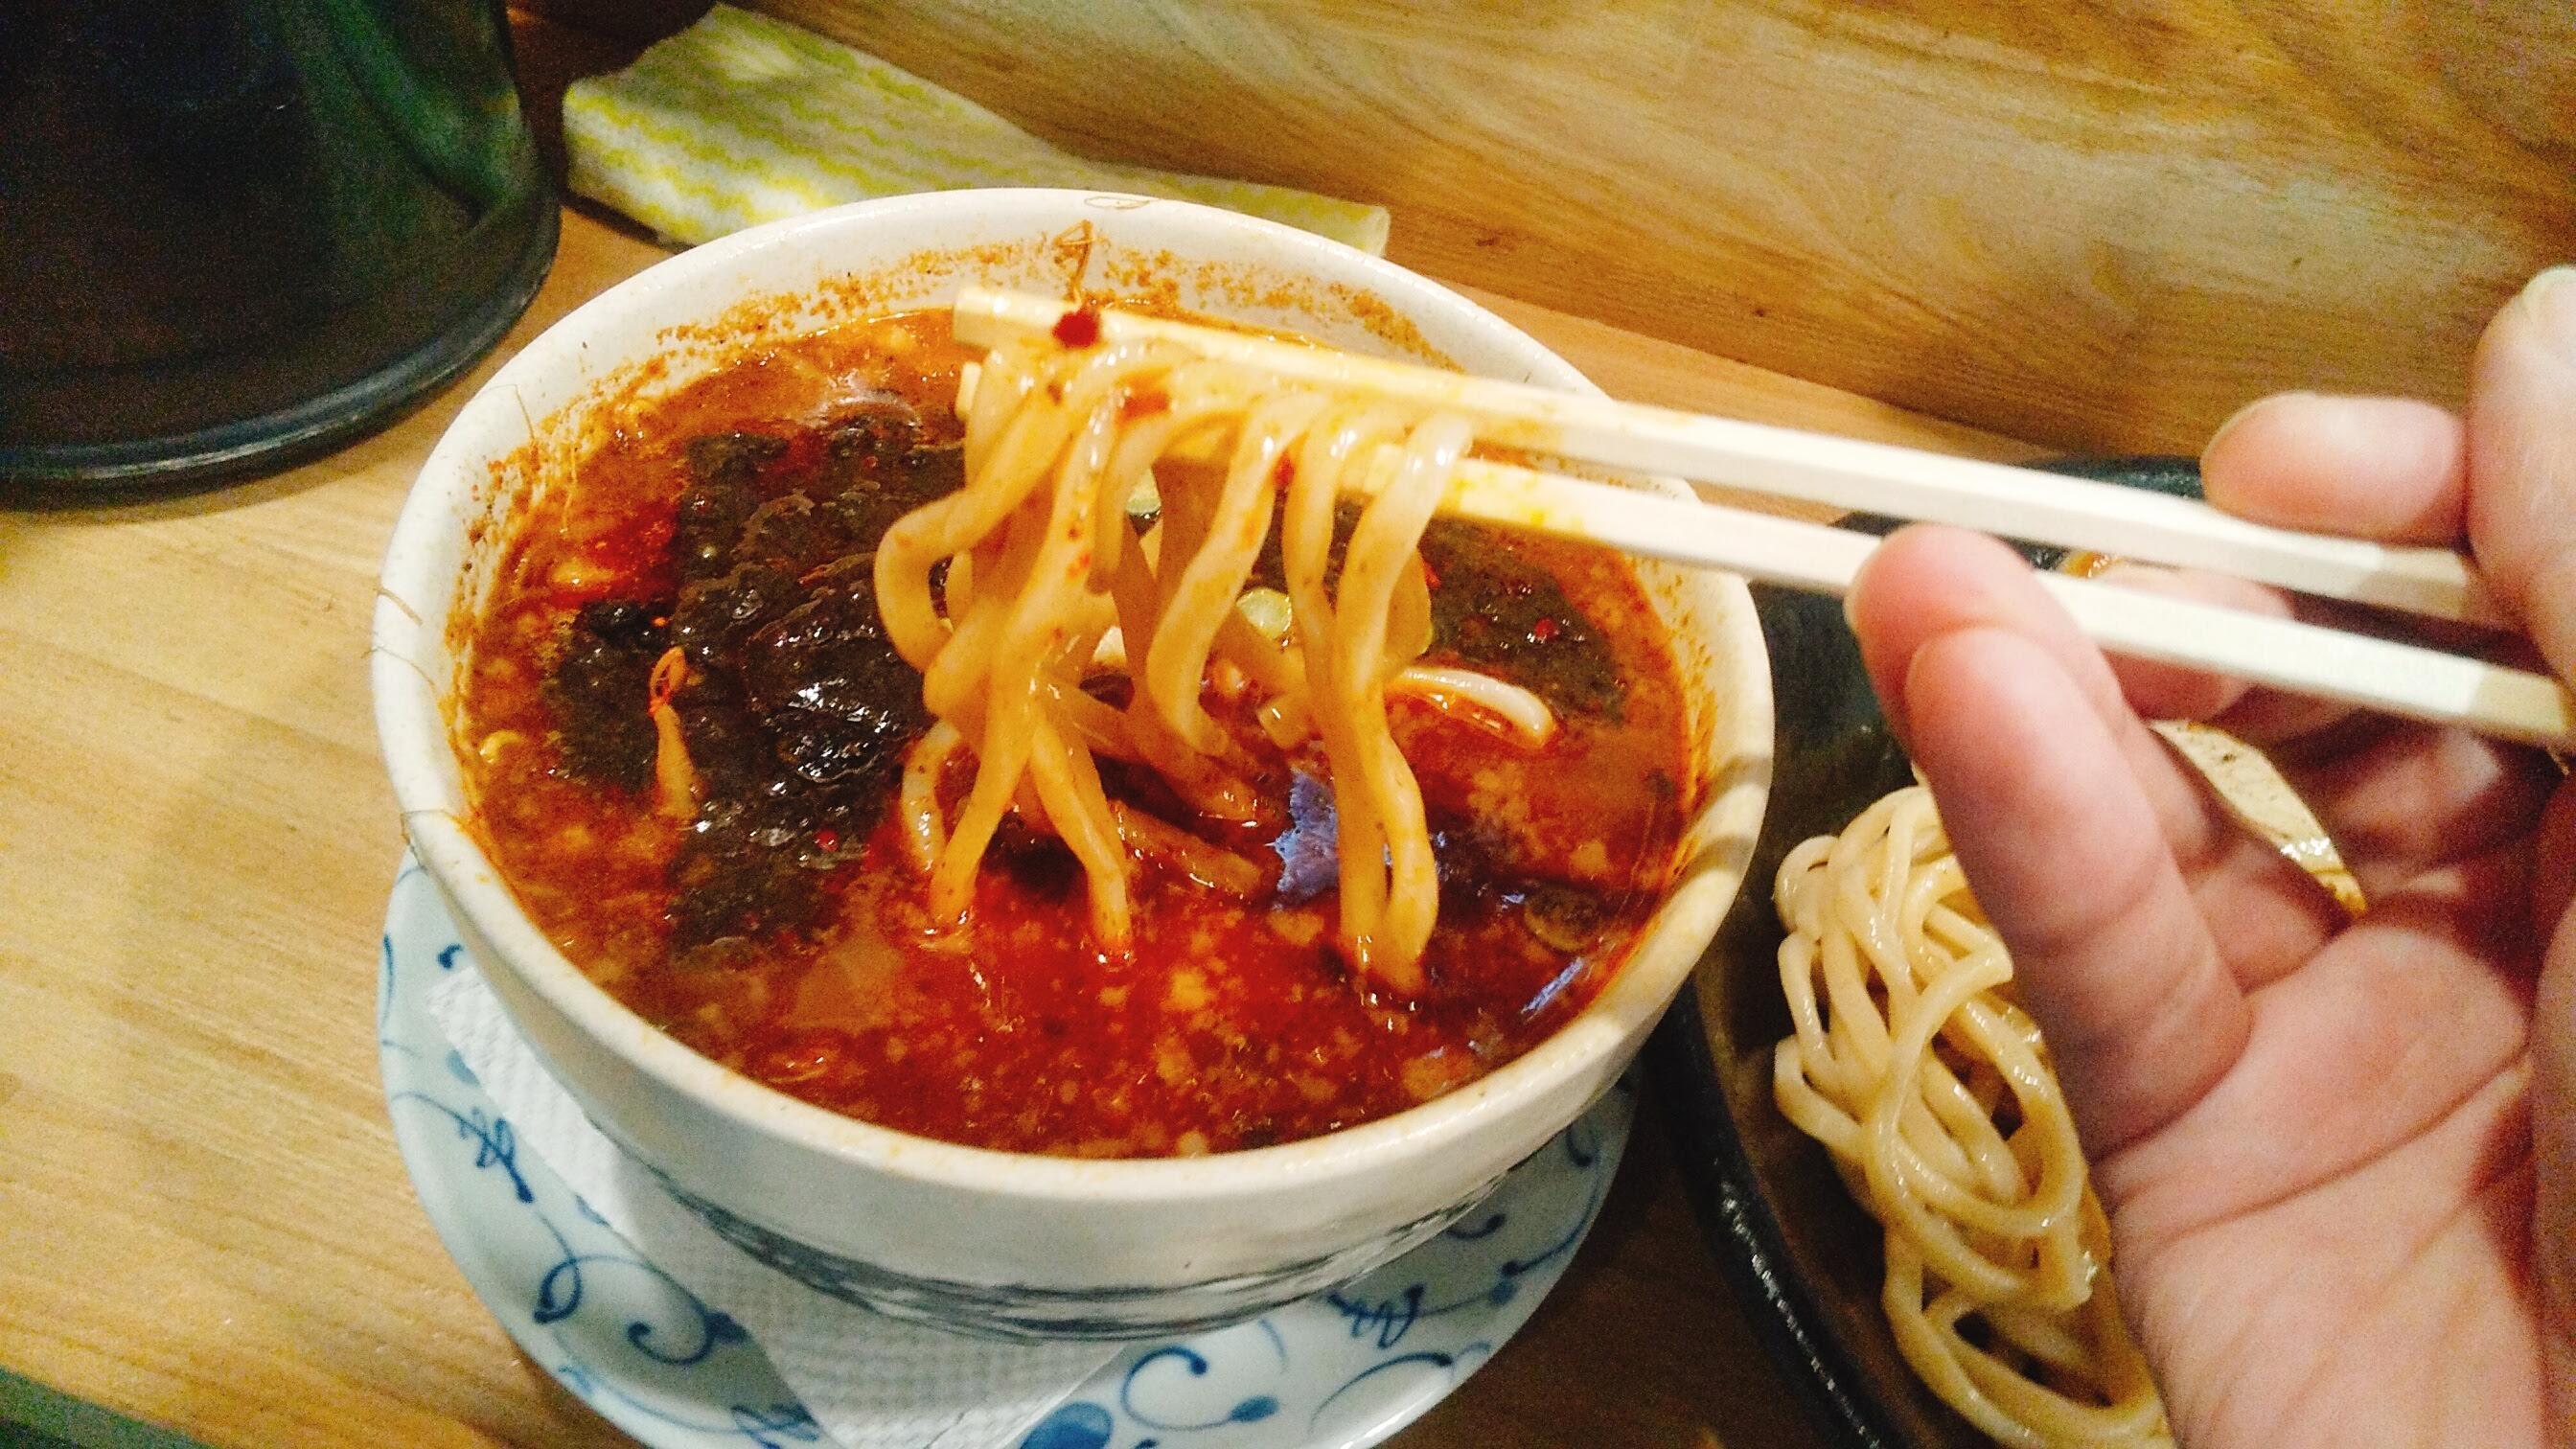 まっちゃんラーメン麺や一筋のチャーシュー味玉ブラックつけ麺の麺リフト写真